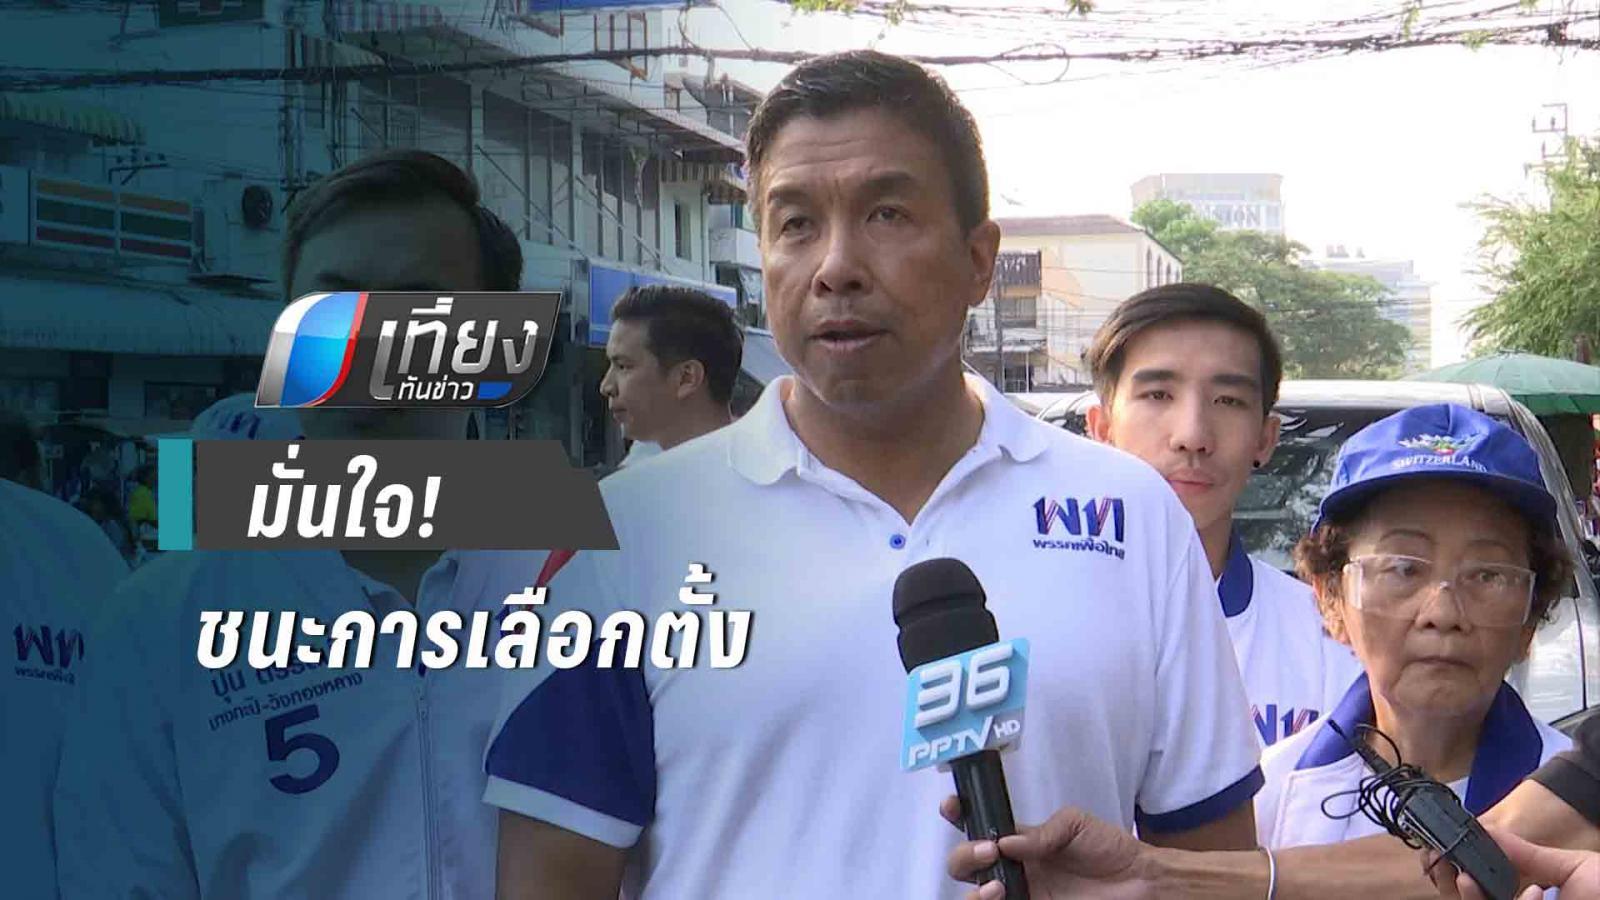 """""""ชัชชาติ"""" ลั่นต้องเลือกเพื่อไทยแบบถล่มทลาย คาน เสียงส.ว.250"""